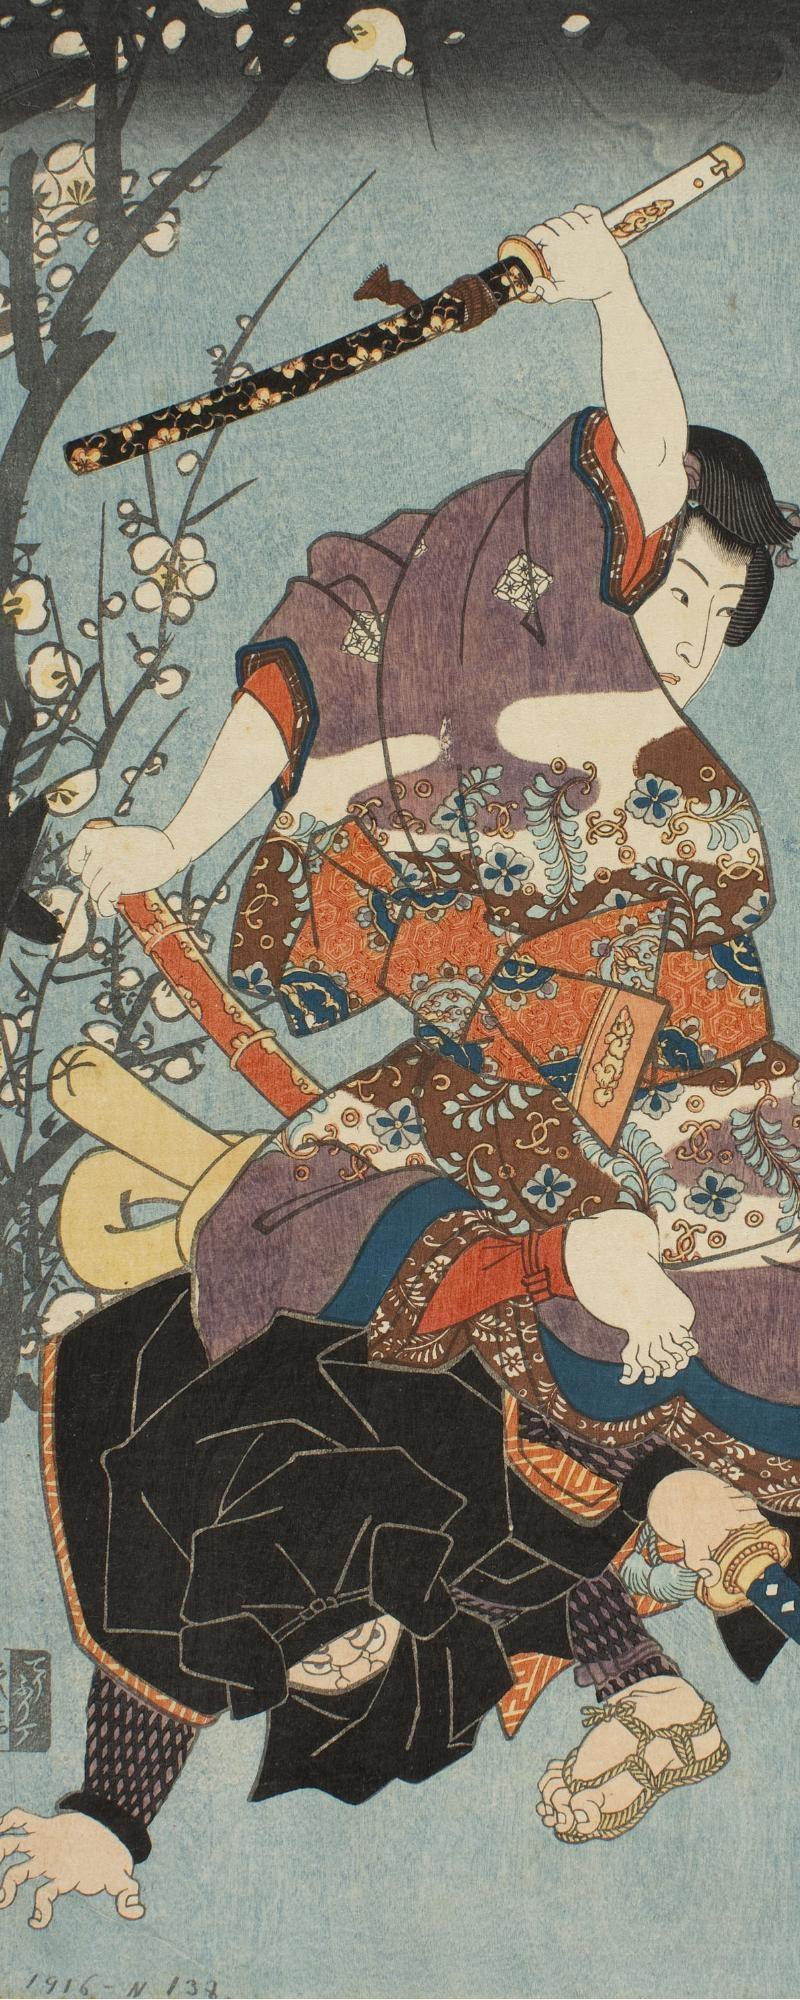 Museu Nacional d'Art de Catalunya | Japonisme i altres exotismes